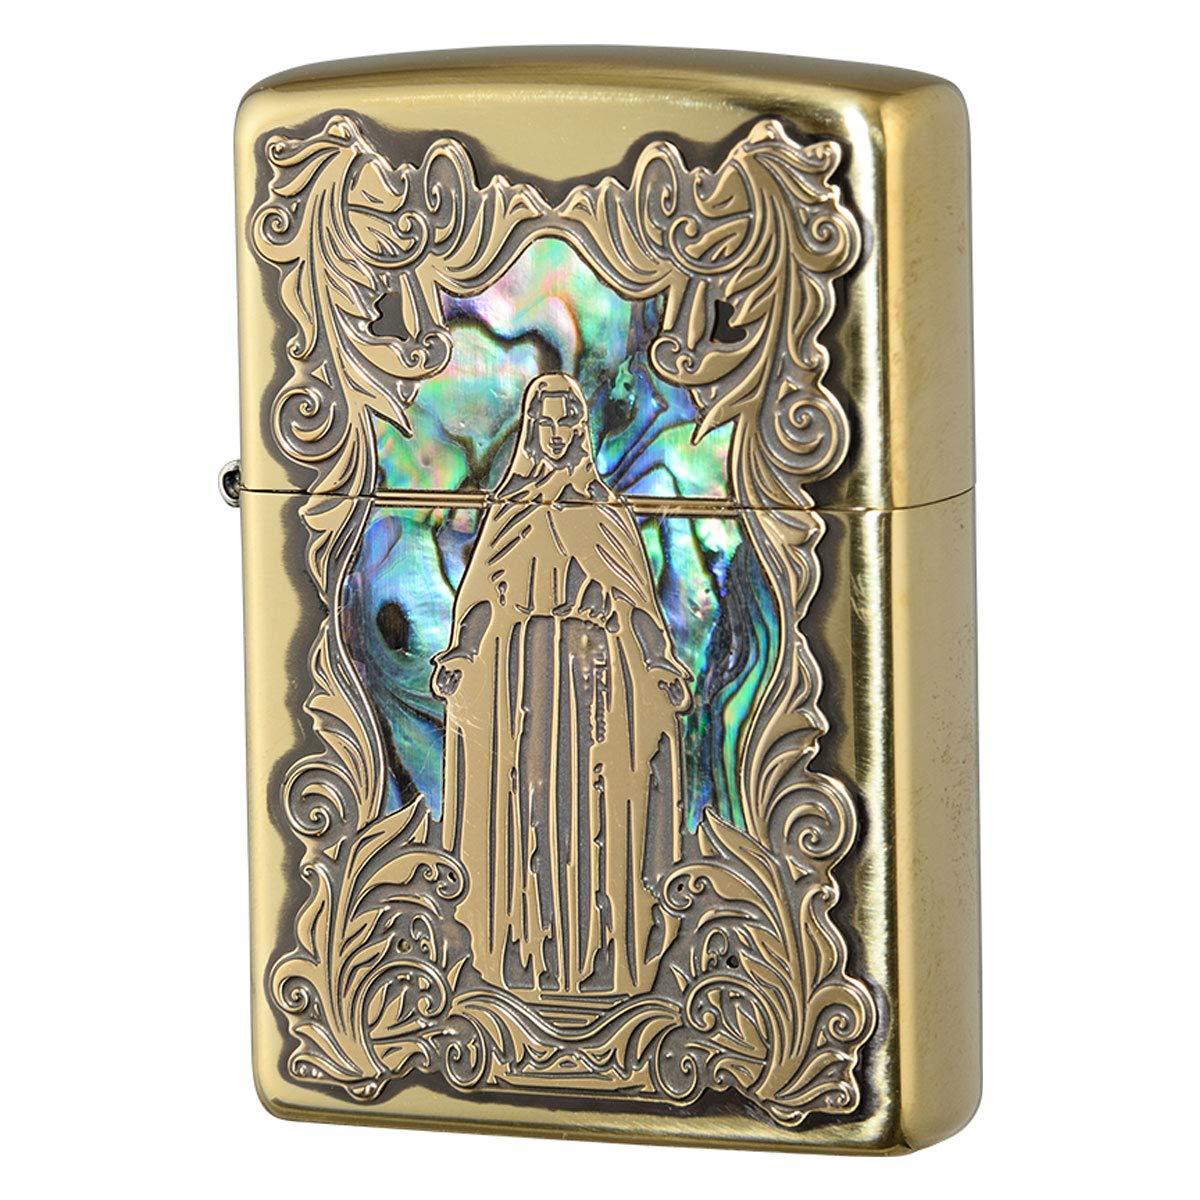 zippo ジッポー ライター 名入れ シェルマリア 貝貼り ゴールド 真鍮いぶし メンズ   B07HMBT5JR